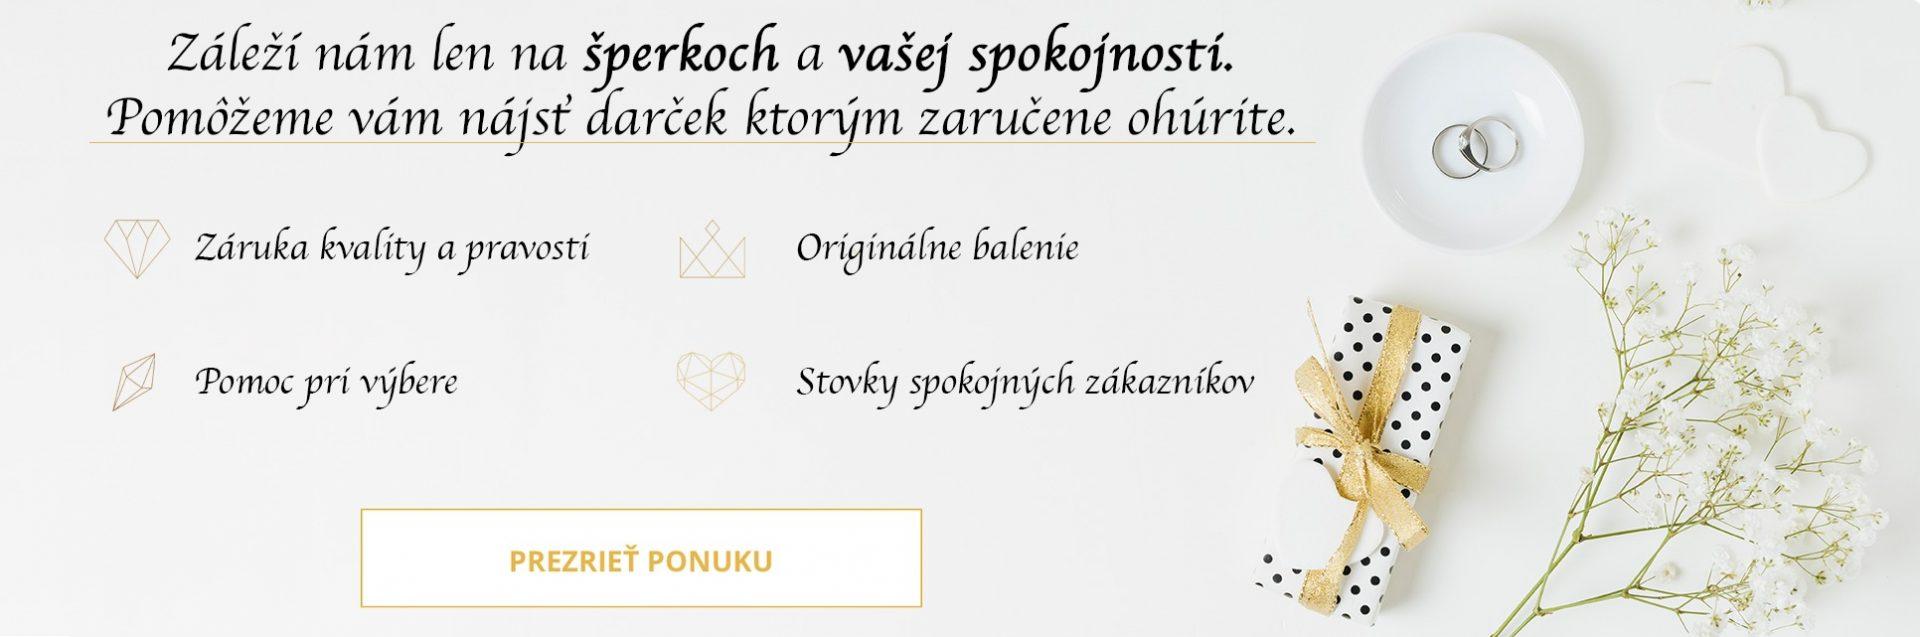 Golden Cykas Banner